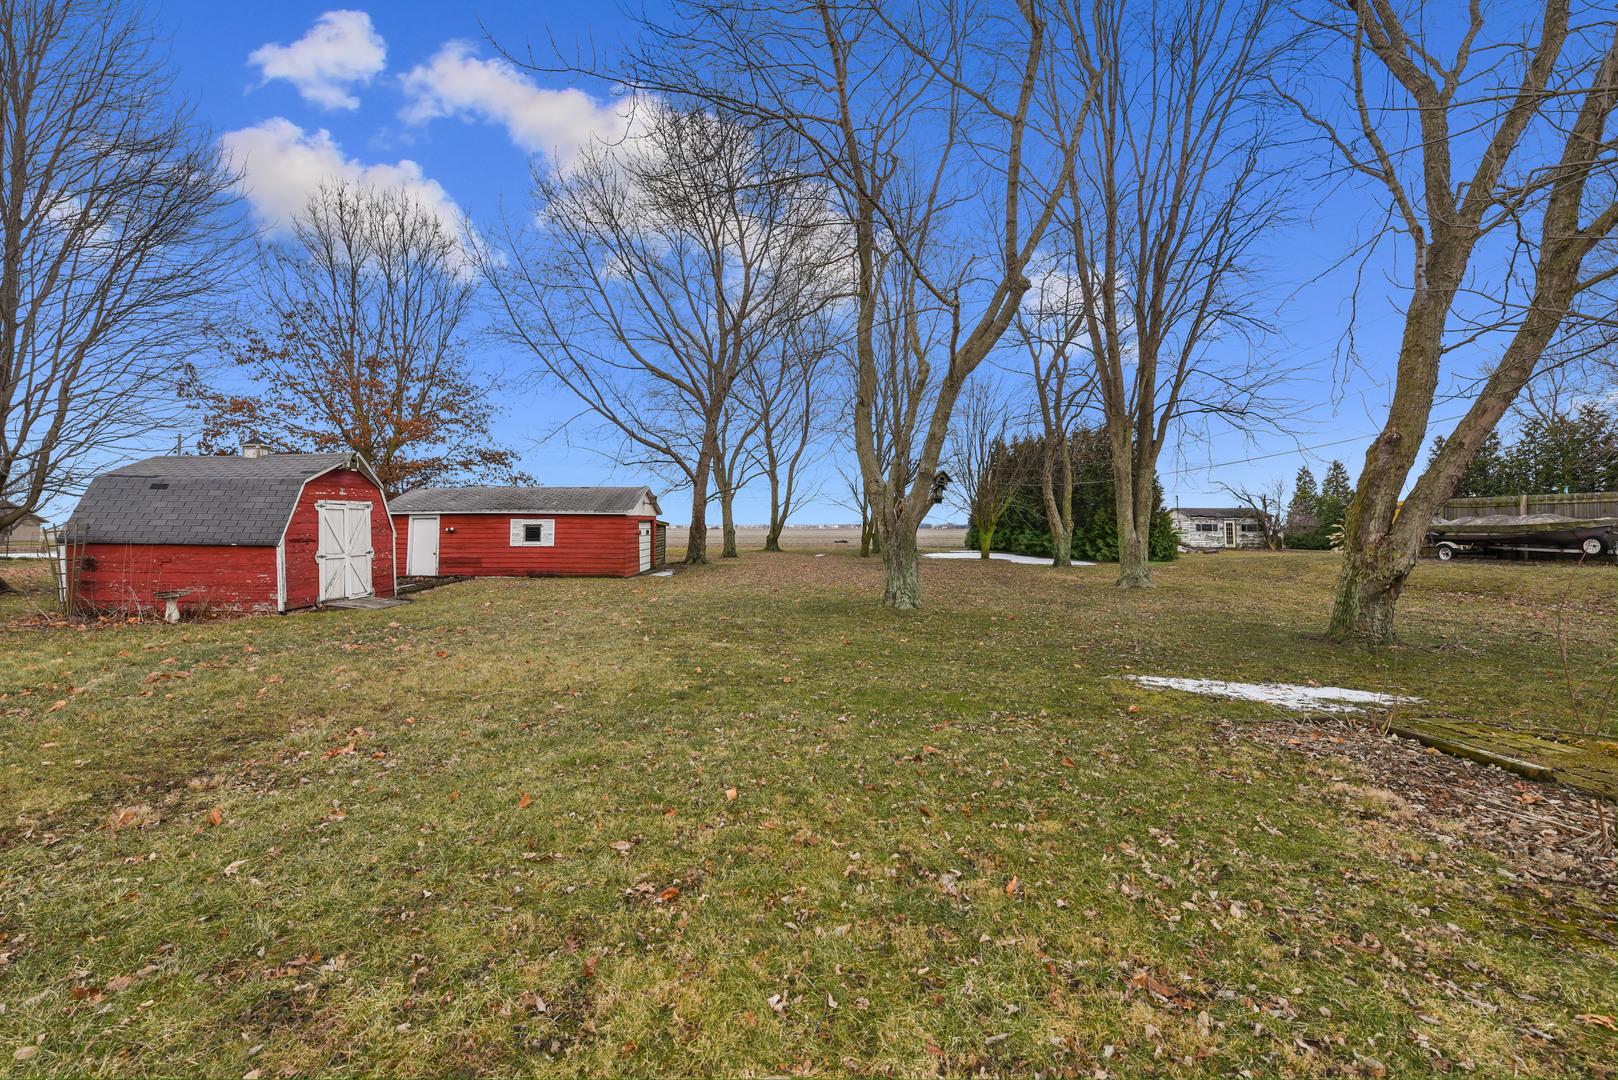 1636 County Road 500 E, Bondville, Illinois, 61815